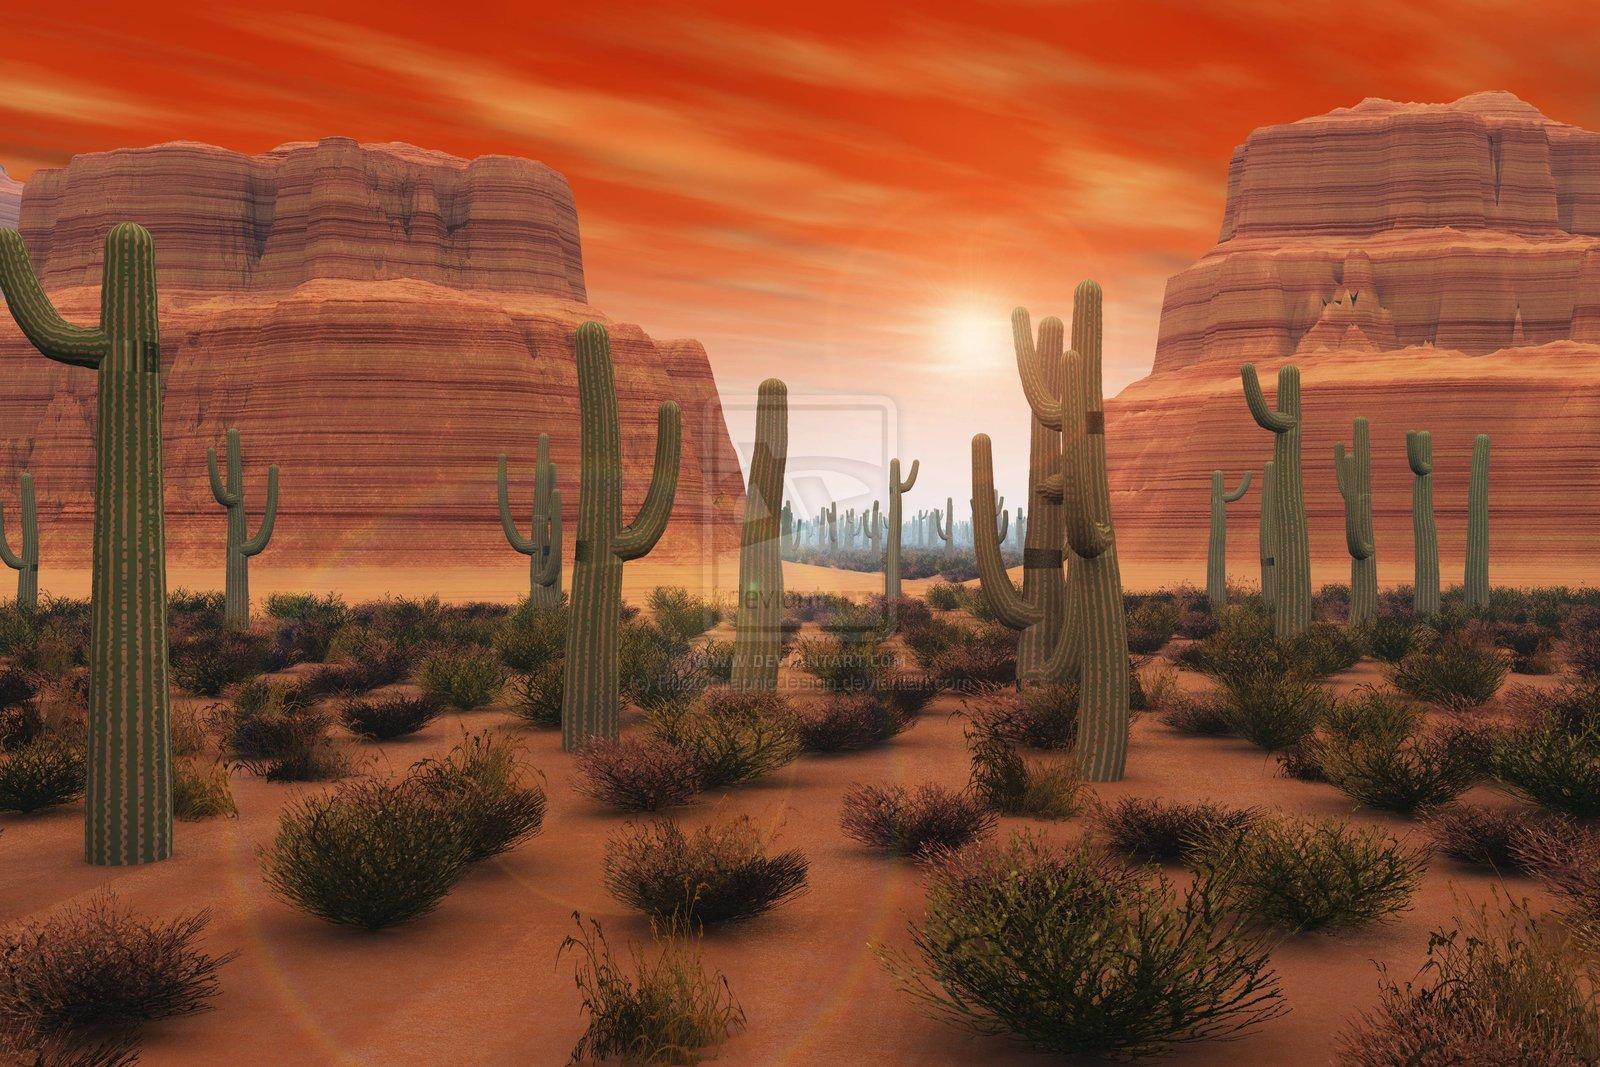 Arizona Desert Pictures For Wallpaper Best Hd Wallpapers 1600x1067